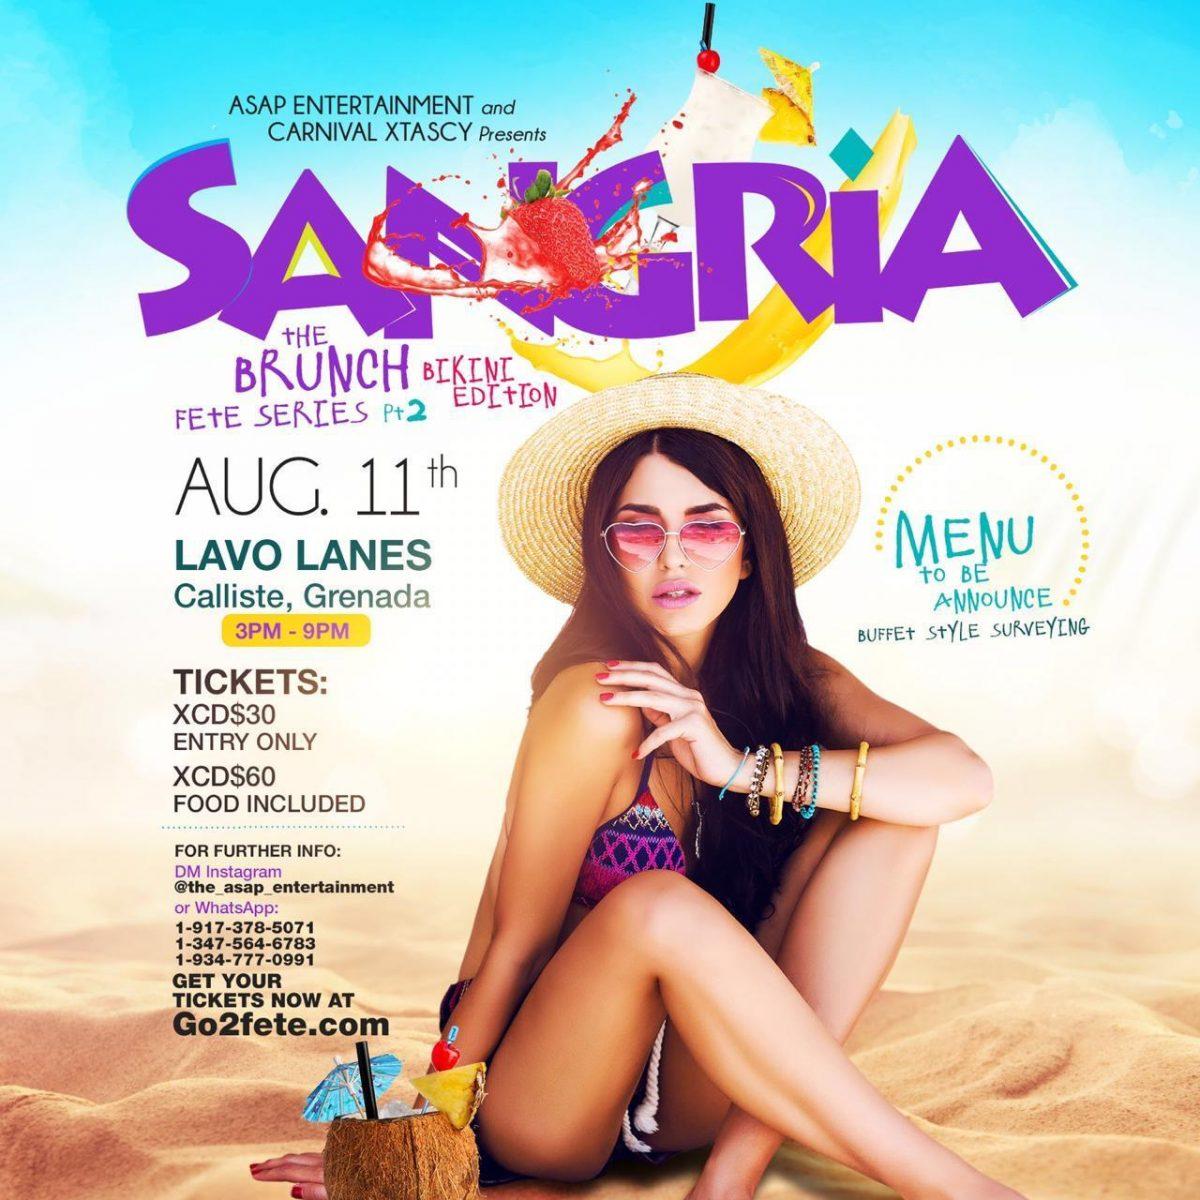 SANGRIA - The Brunch Fete Series P2